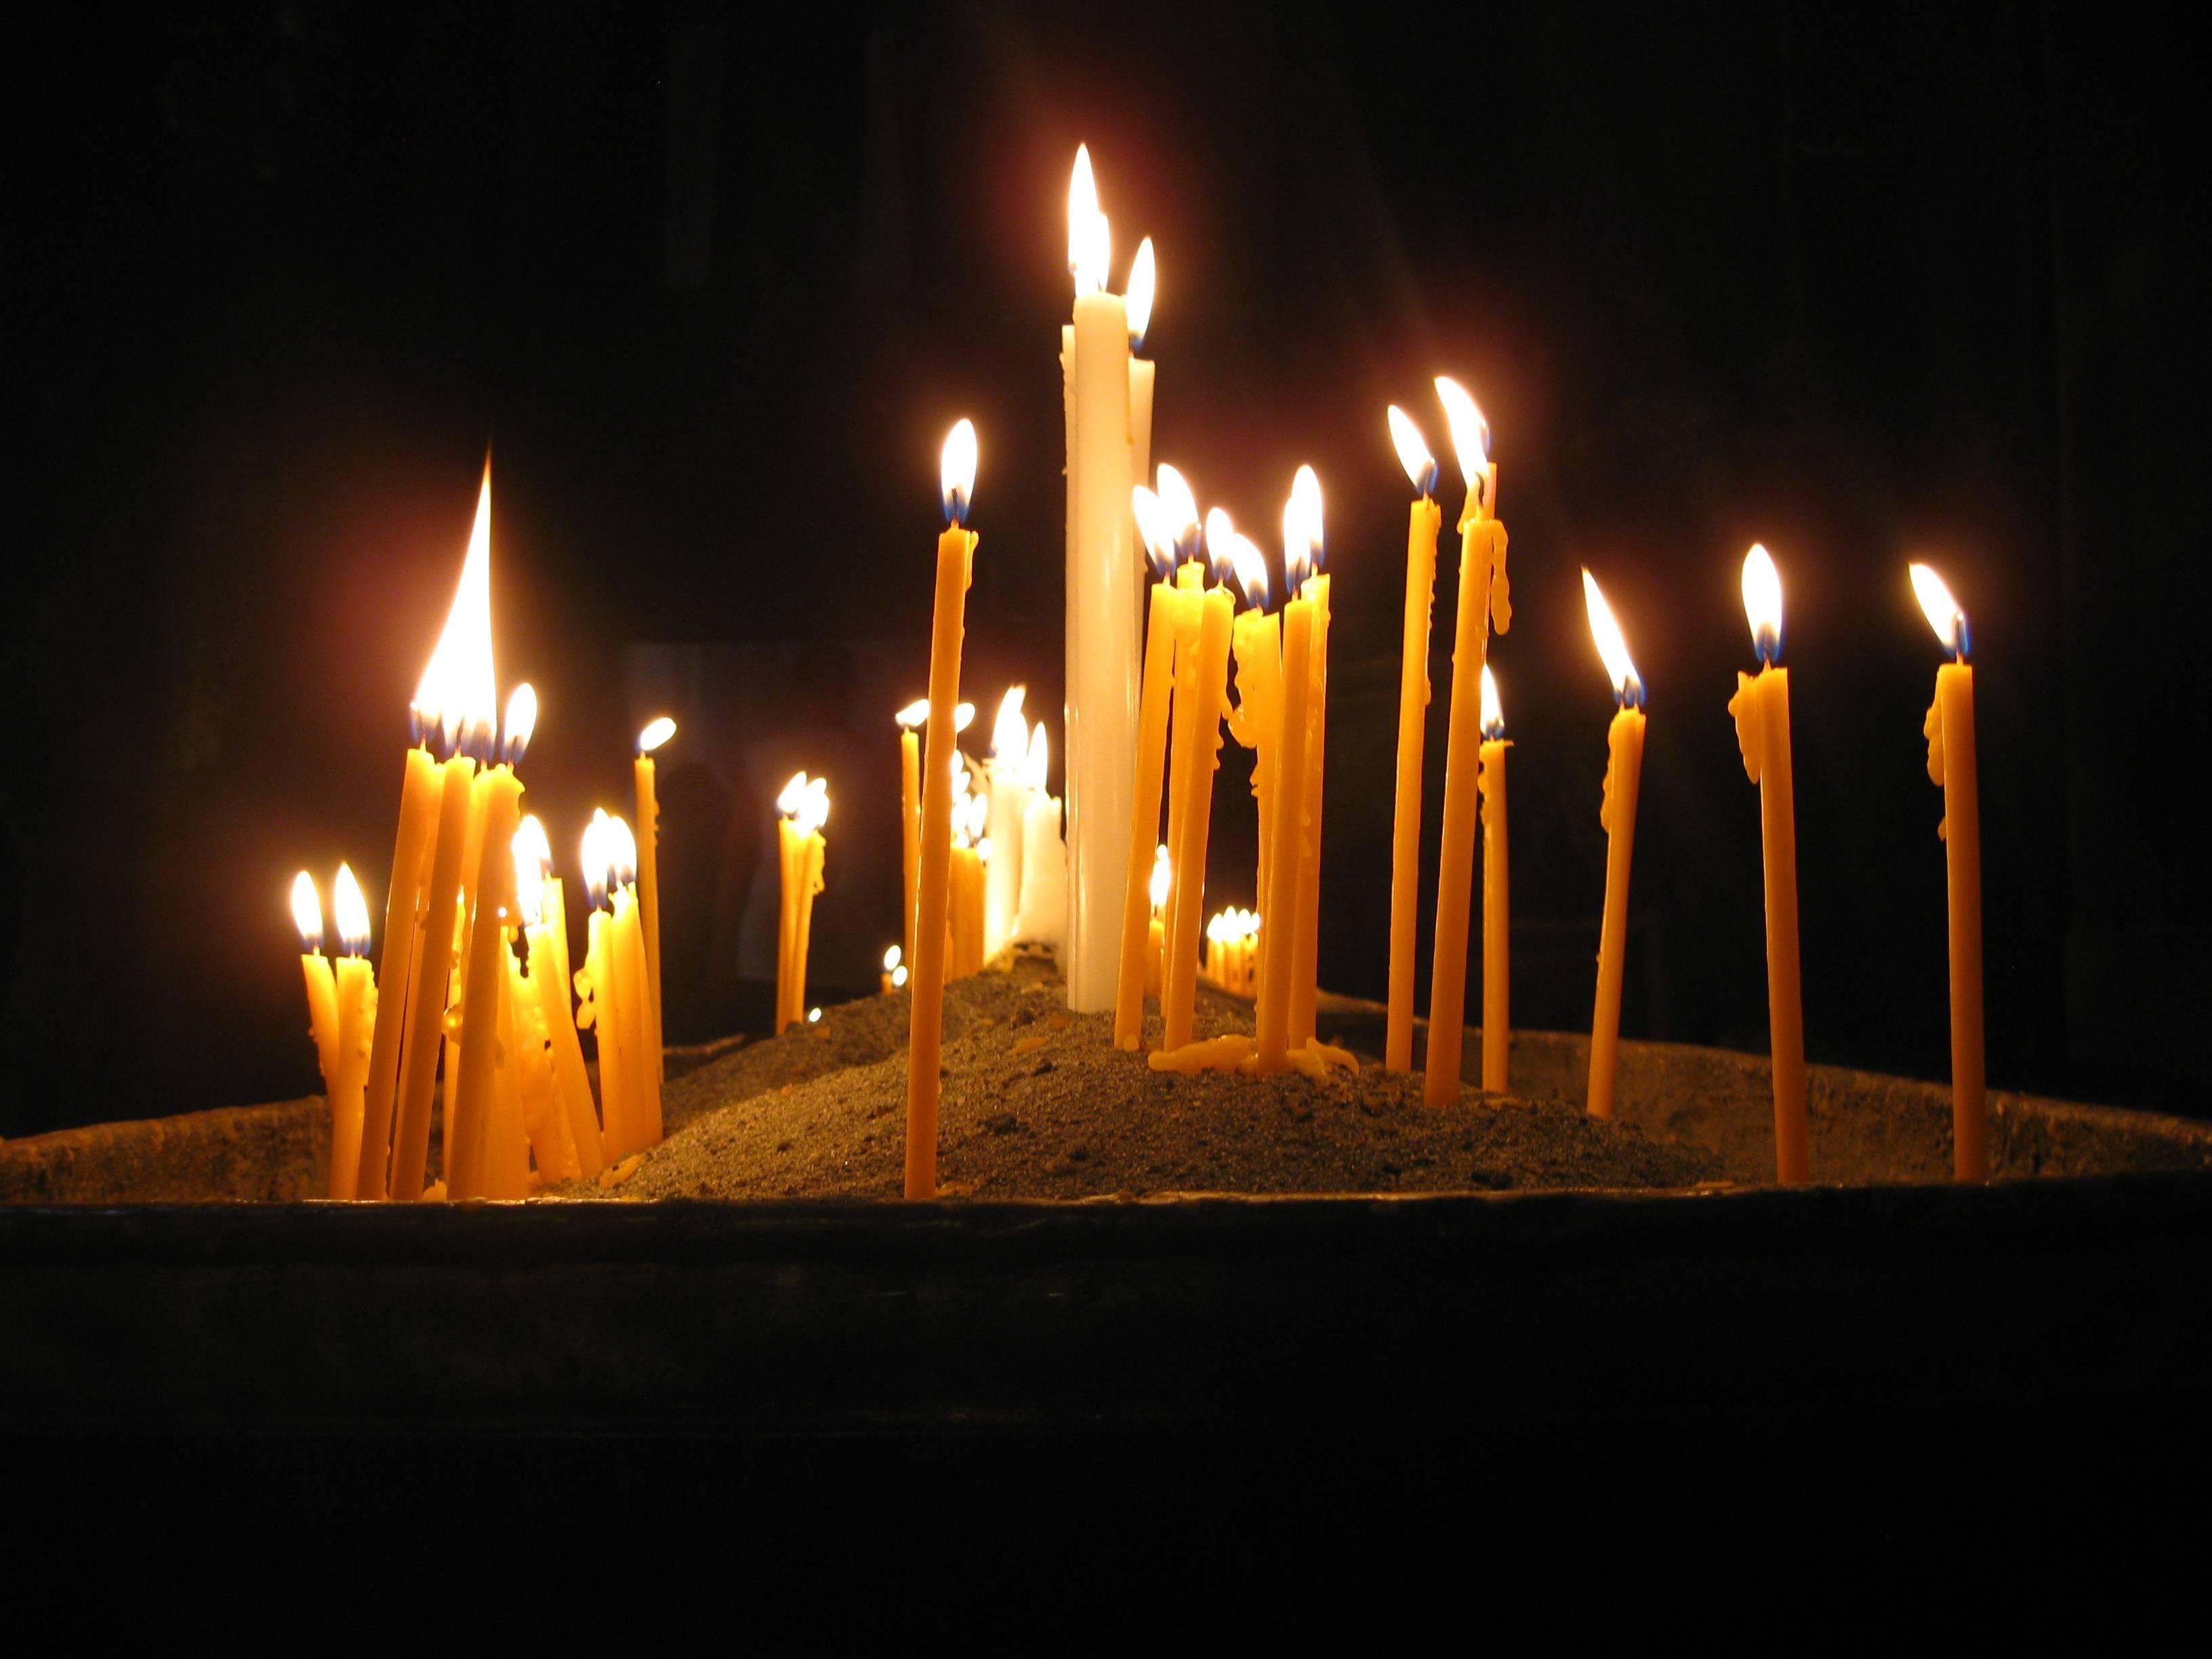 Свечи из вощины и воска своими руками: мастер-класс по изготовлению свечек из пчелиного и соевого воска с травами в домашних условиях